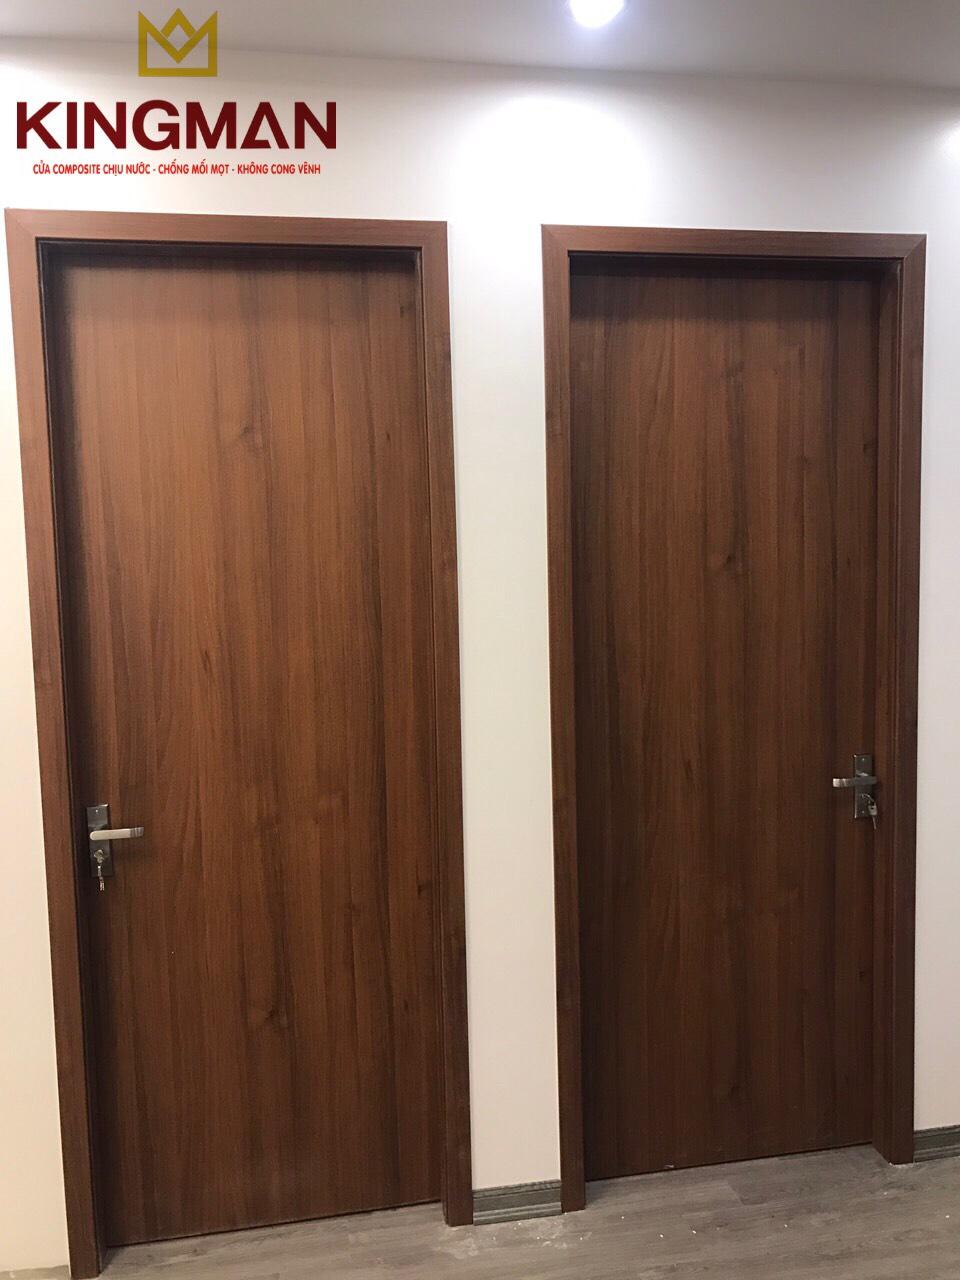 Cửa thông phòng kiểu phẳng KM-17